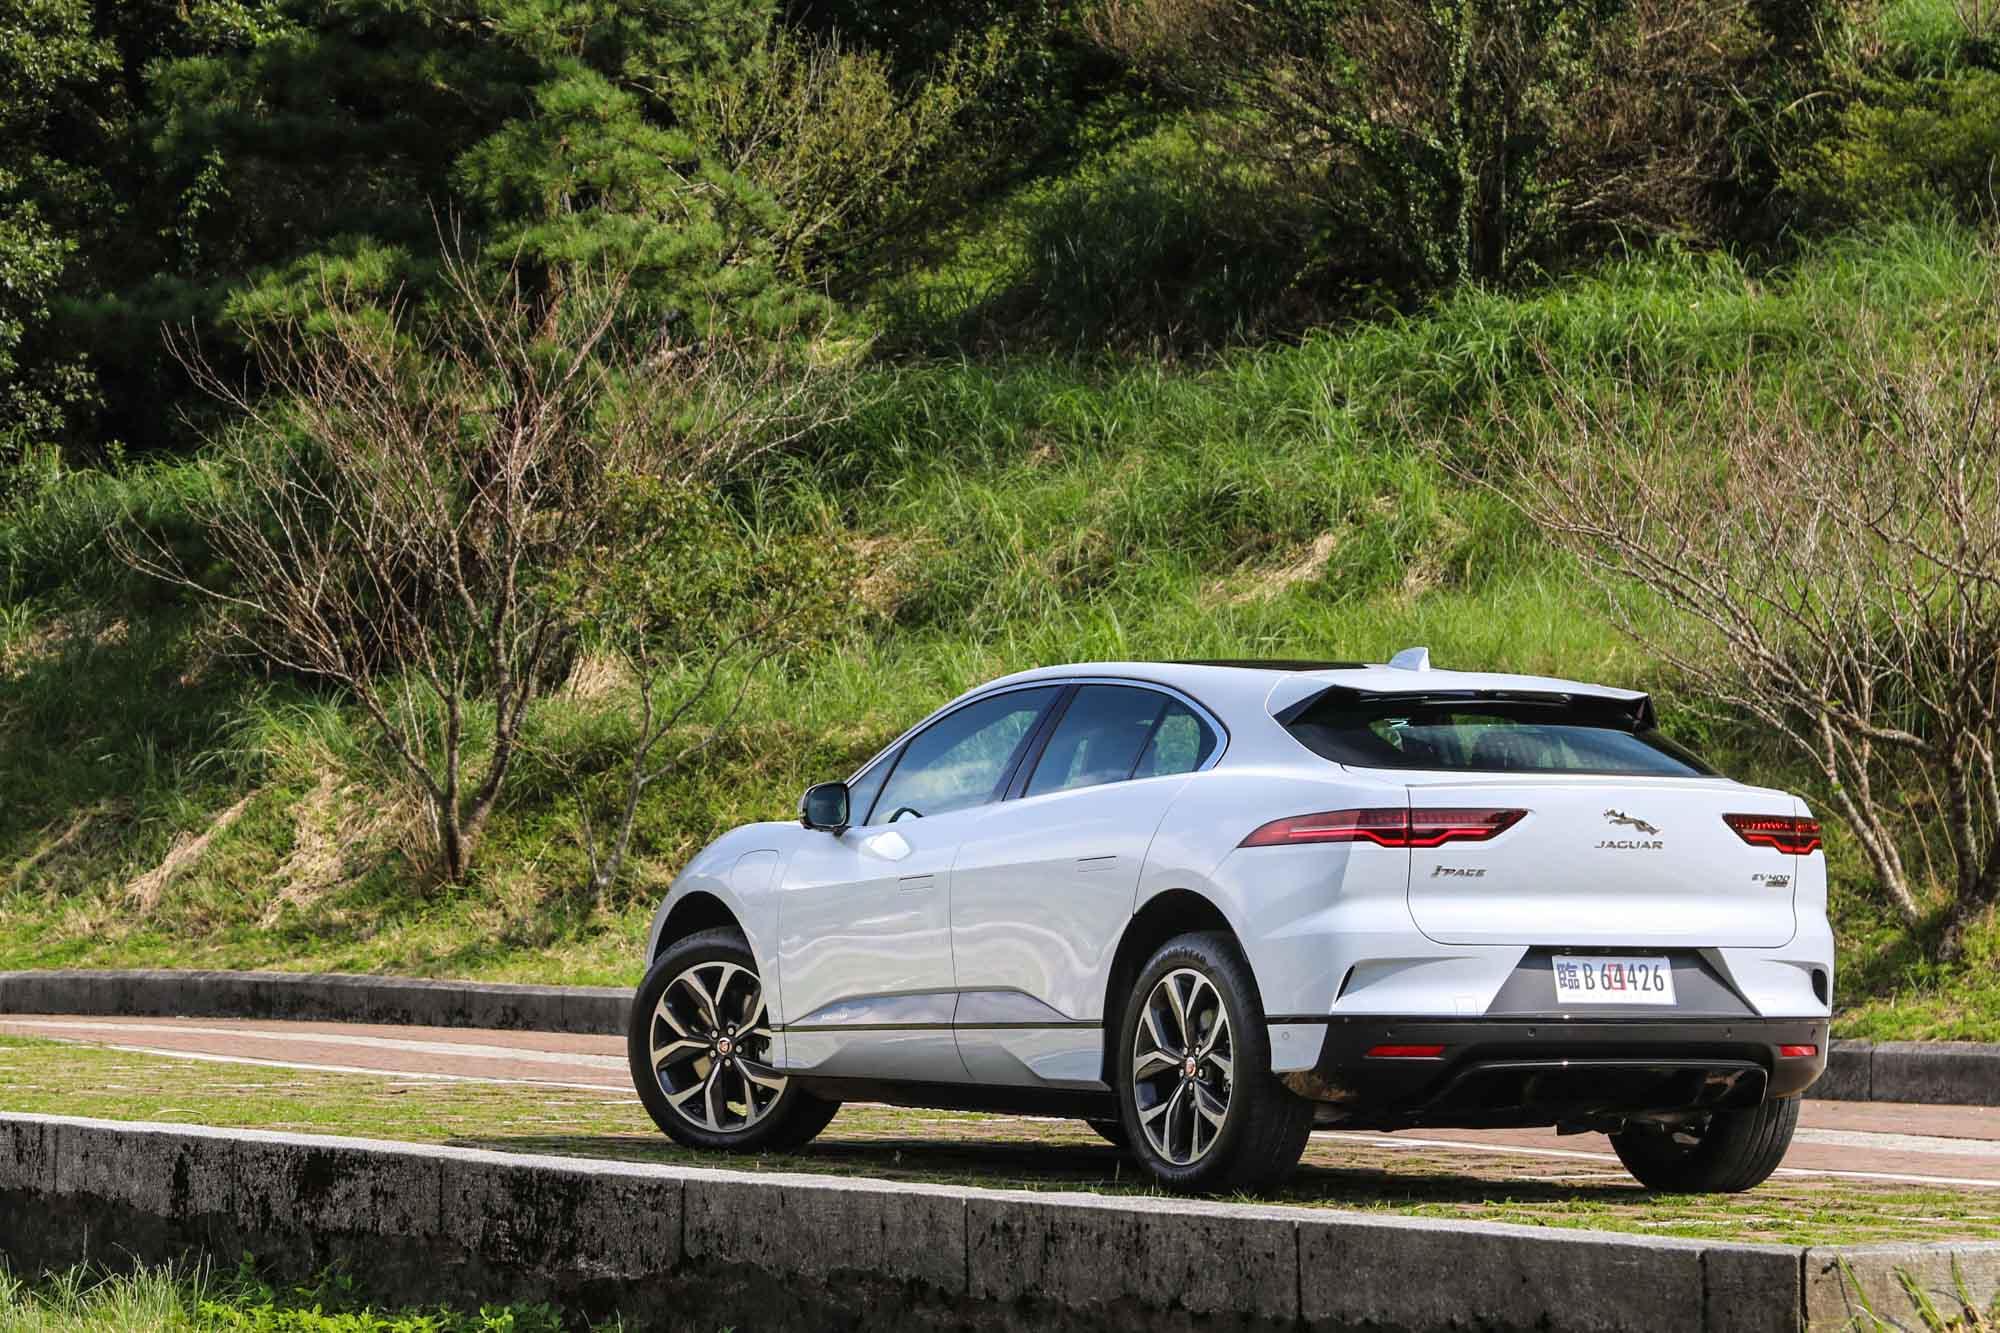 論汽車設計美感,Jaguar 這品牌絕對有資格說上個幾句。